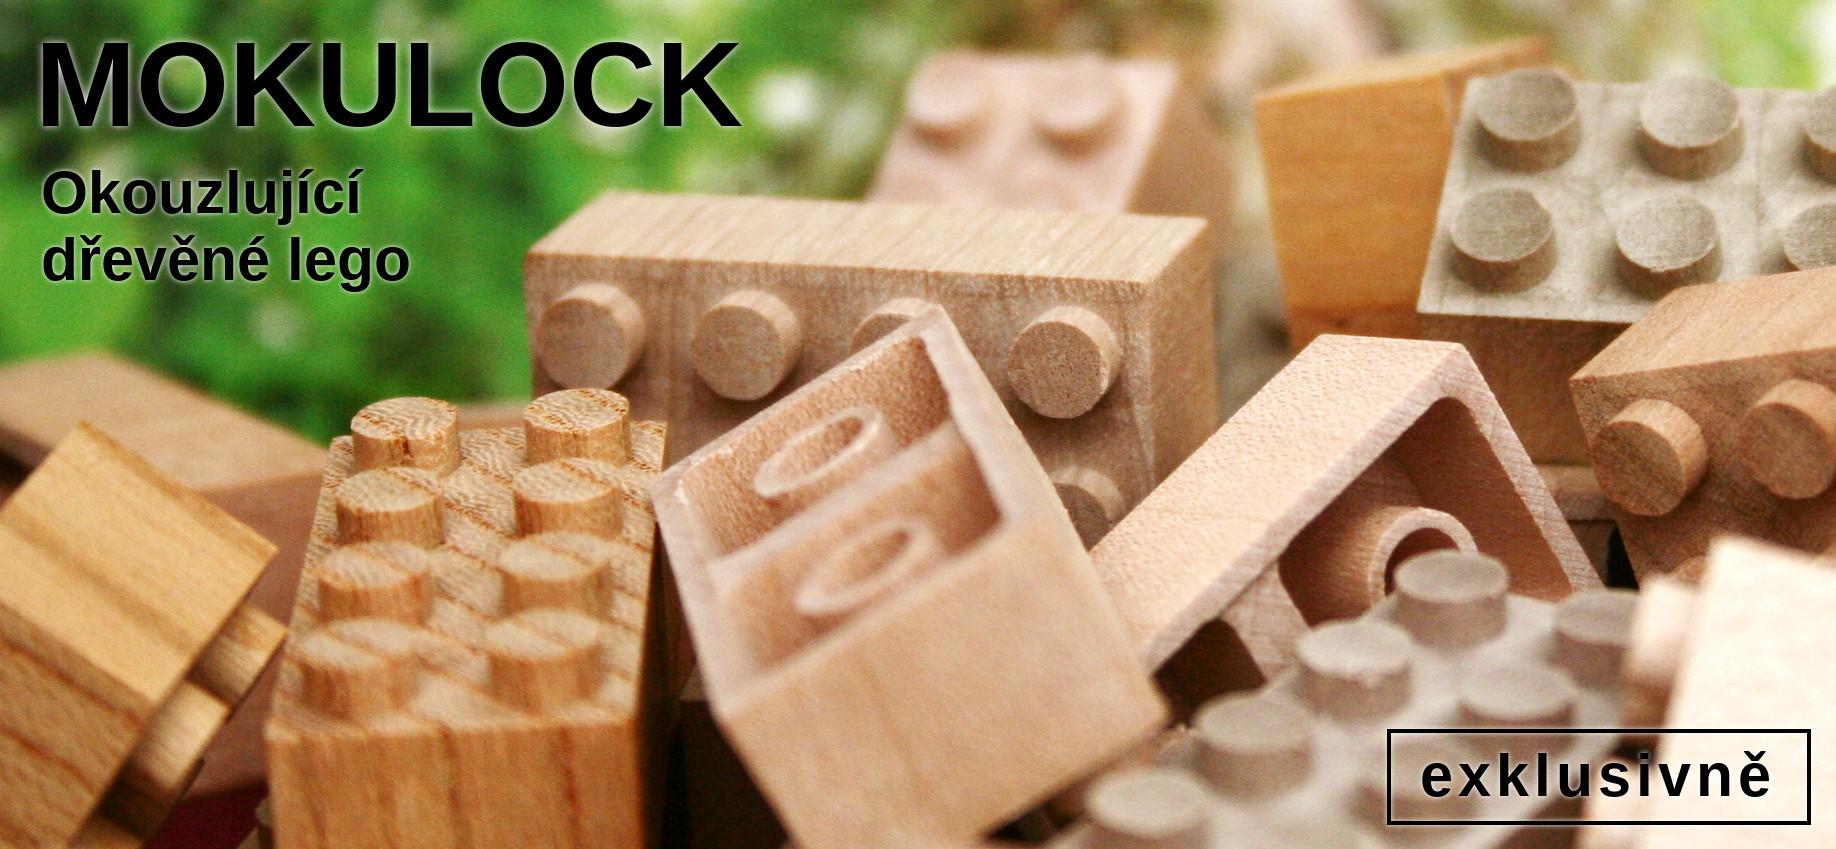 Dřevěné lego Mokulock